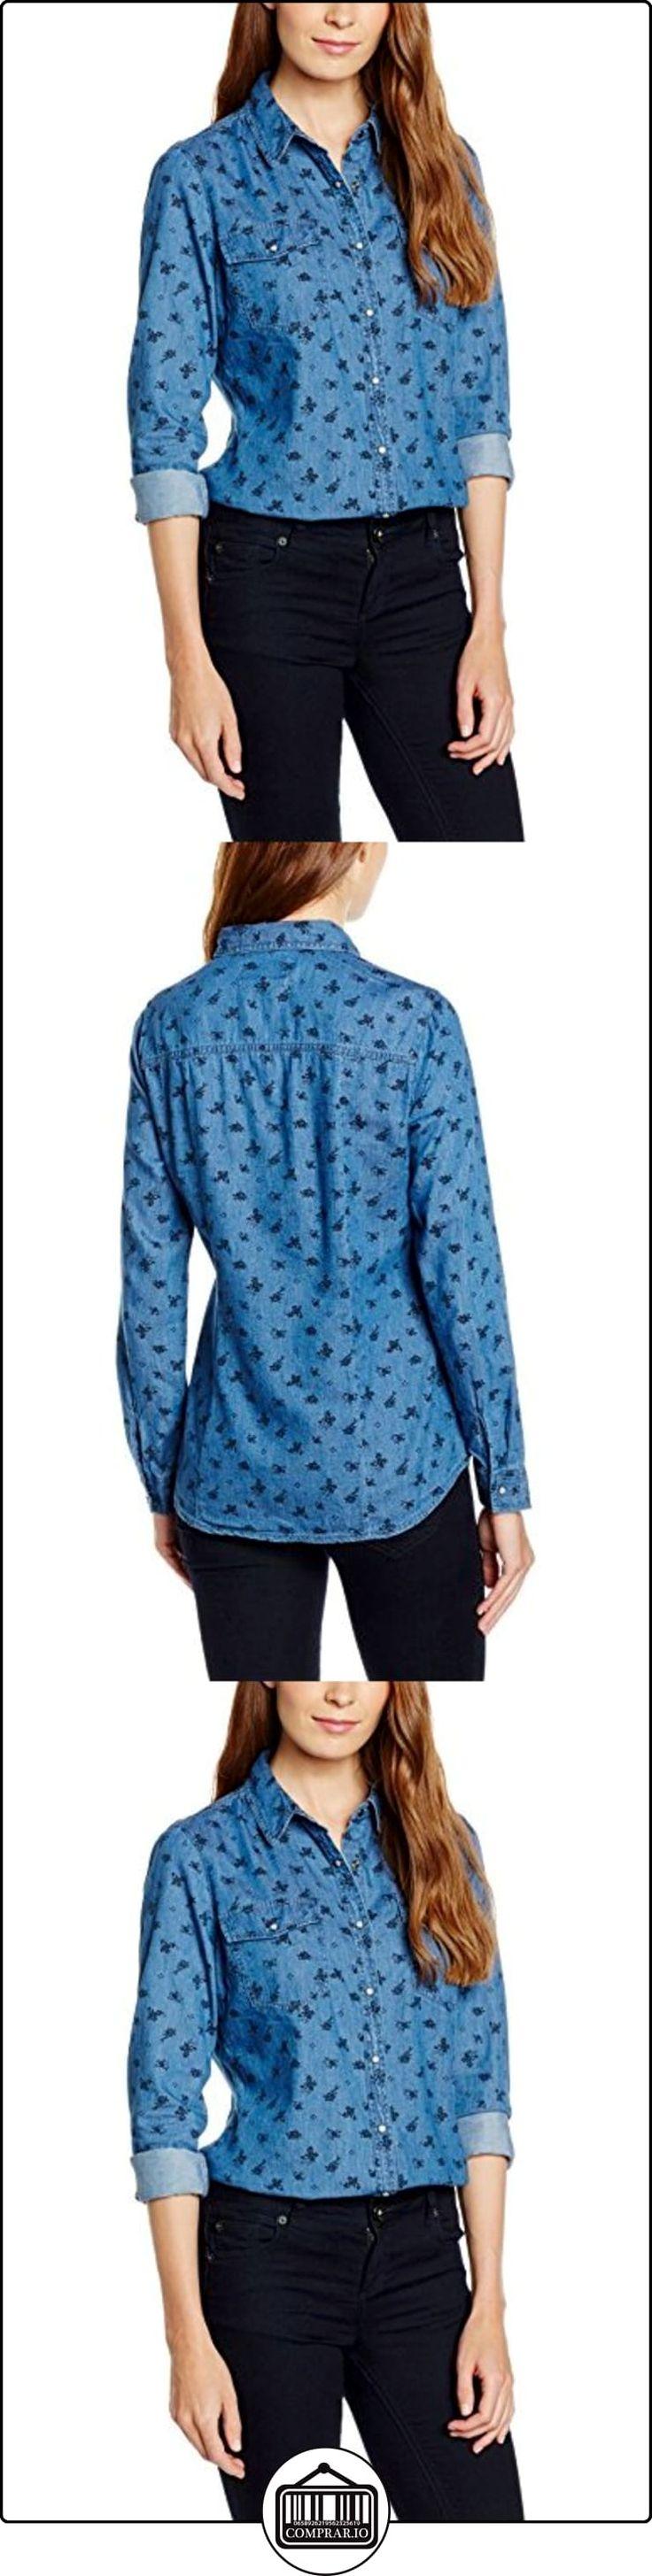 Cortefiel 2.T.BS.Bls Preppy Denim M/L, Camisa para Mujer, Blues, L  ✿ Blusas y camisas ✿